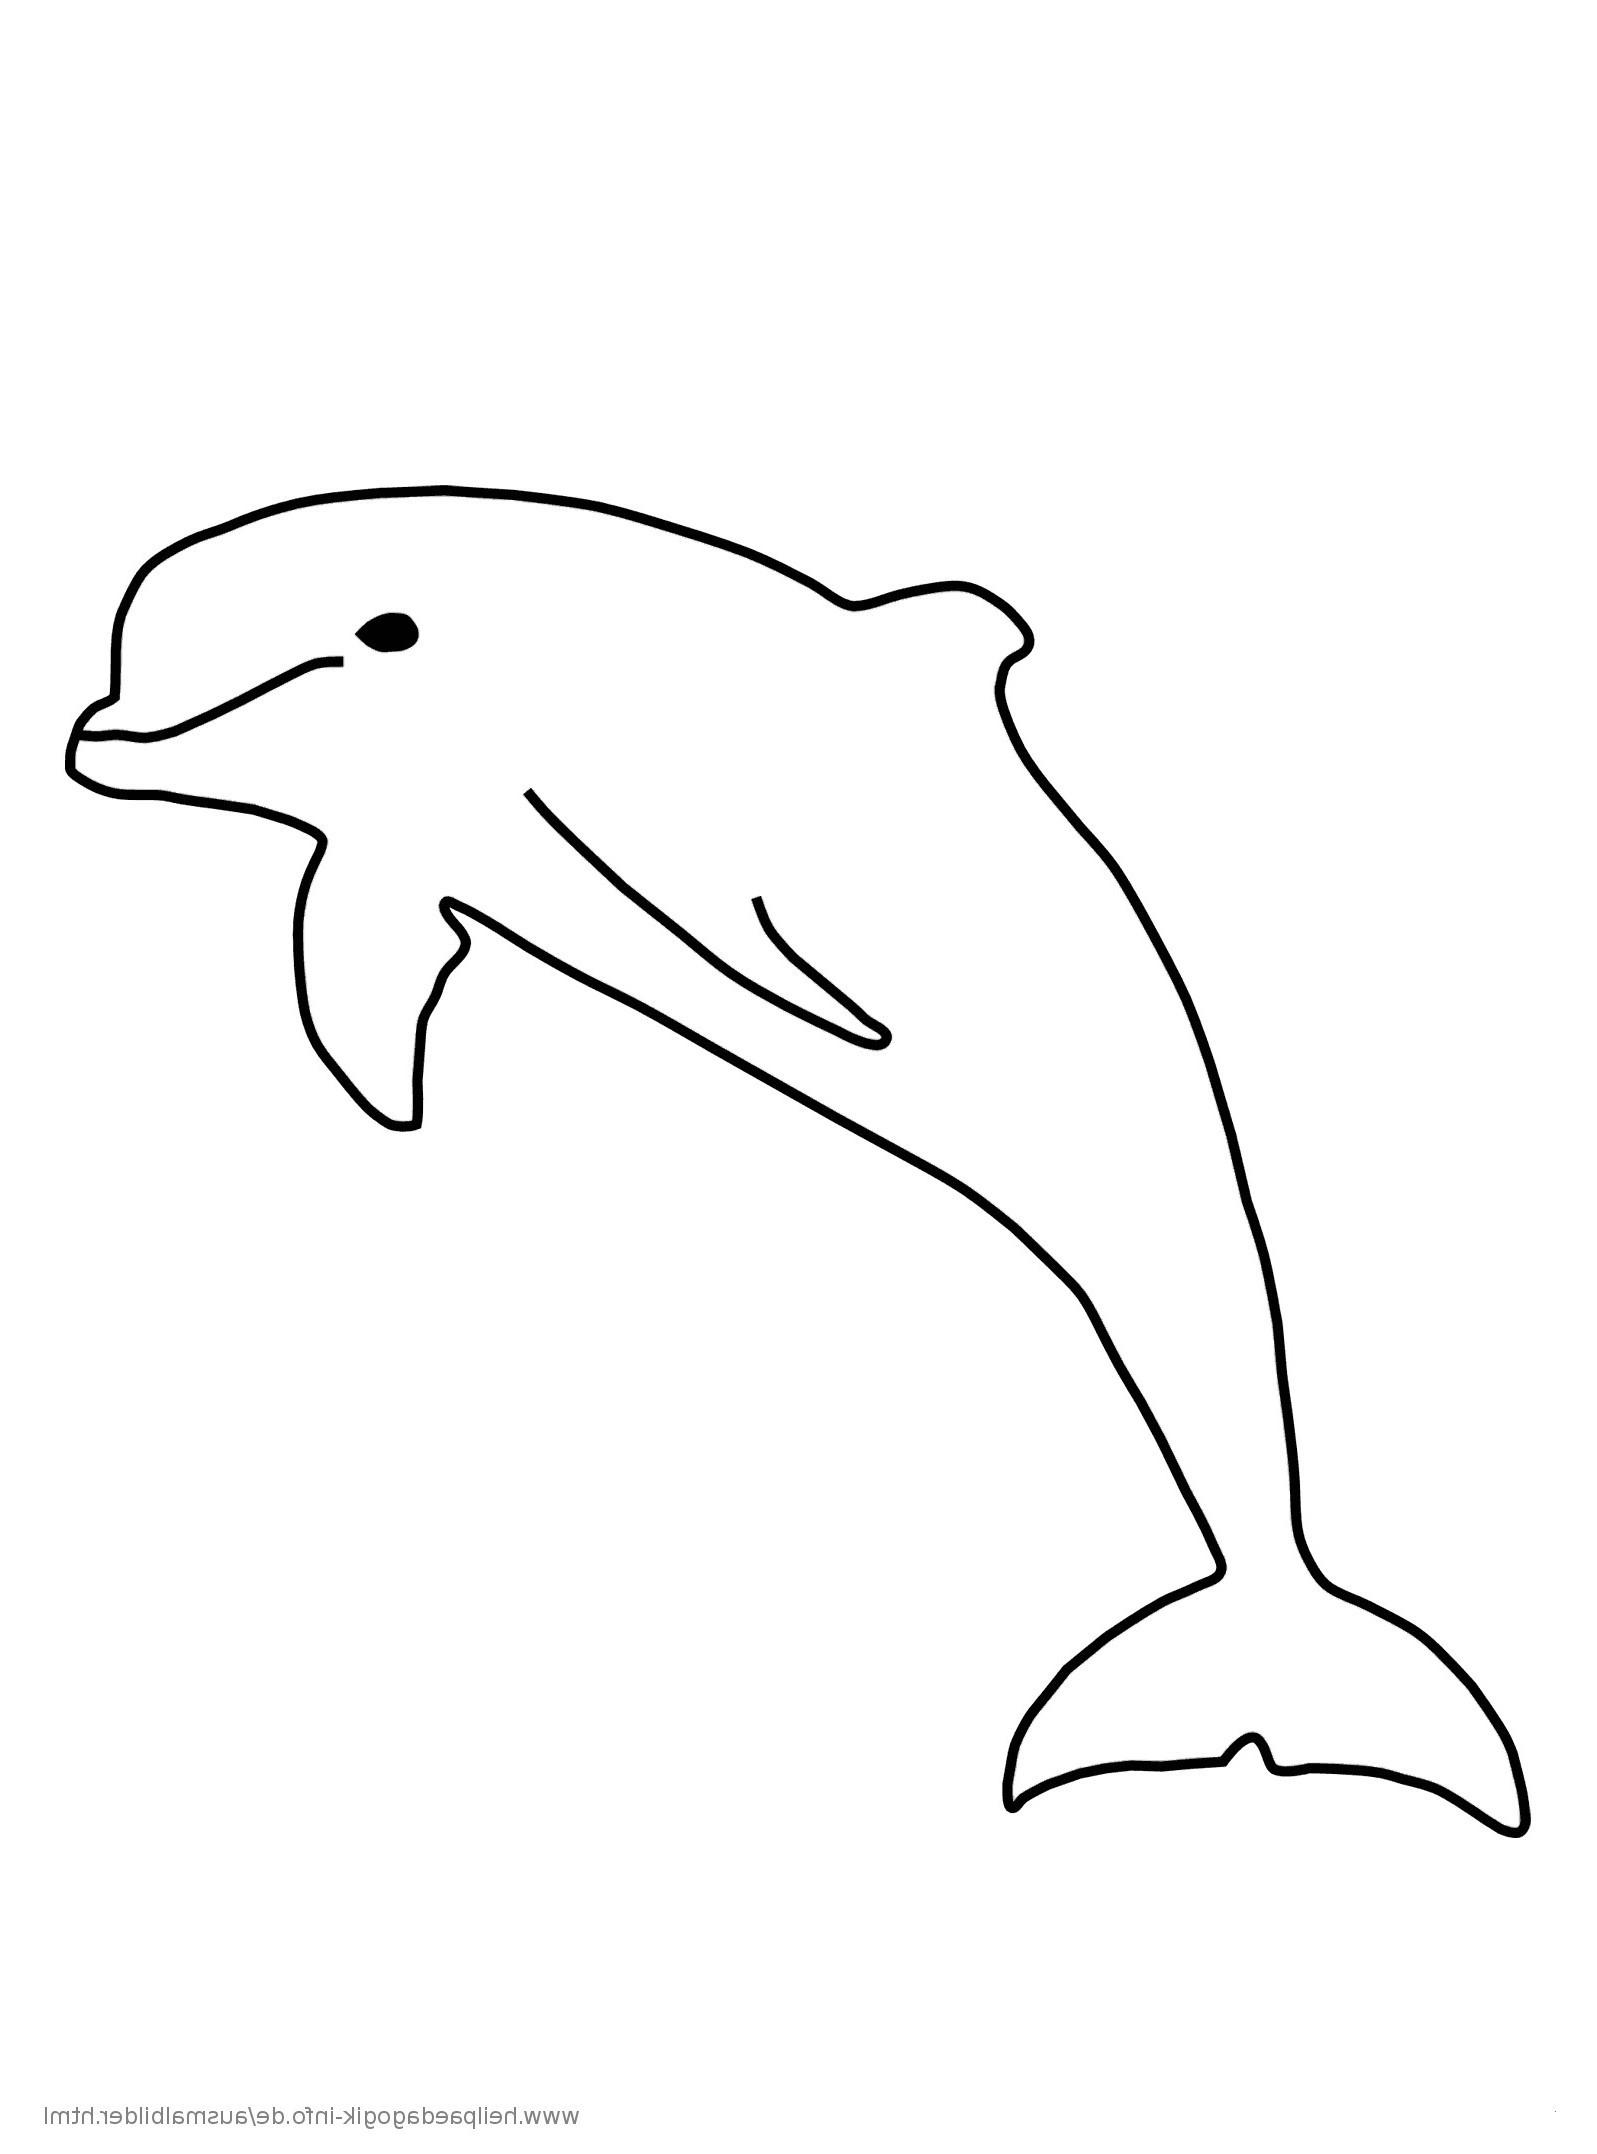 Ausmalbilder Meerjungfrau Mit Delfin Neu 31 Neu Delfin ...